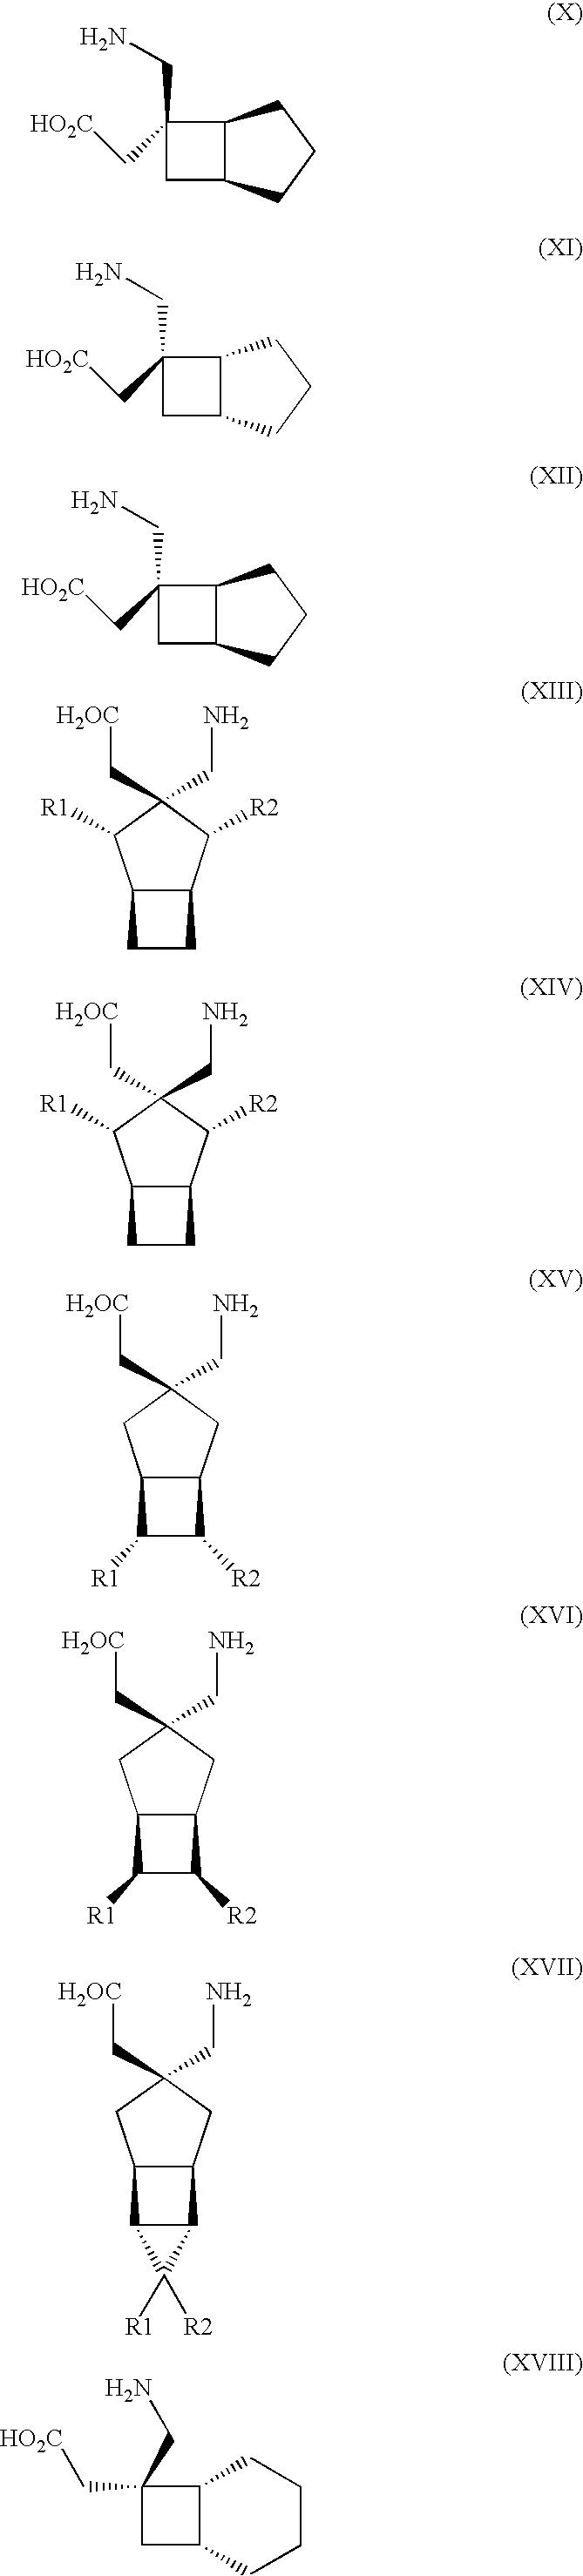 Figure US20060247311A1-20061102-C00012